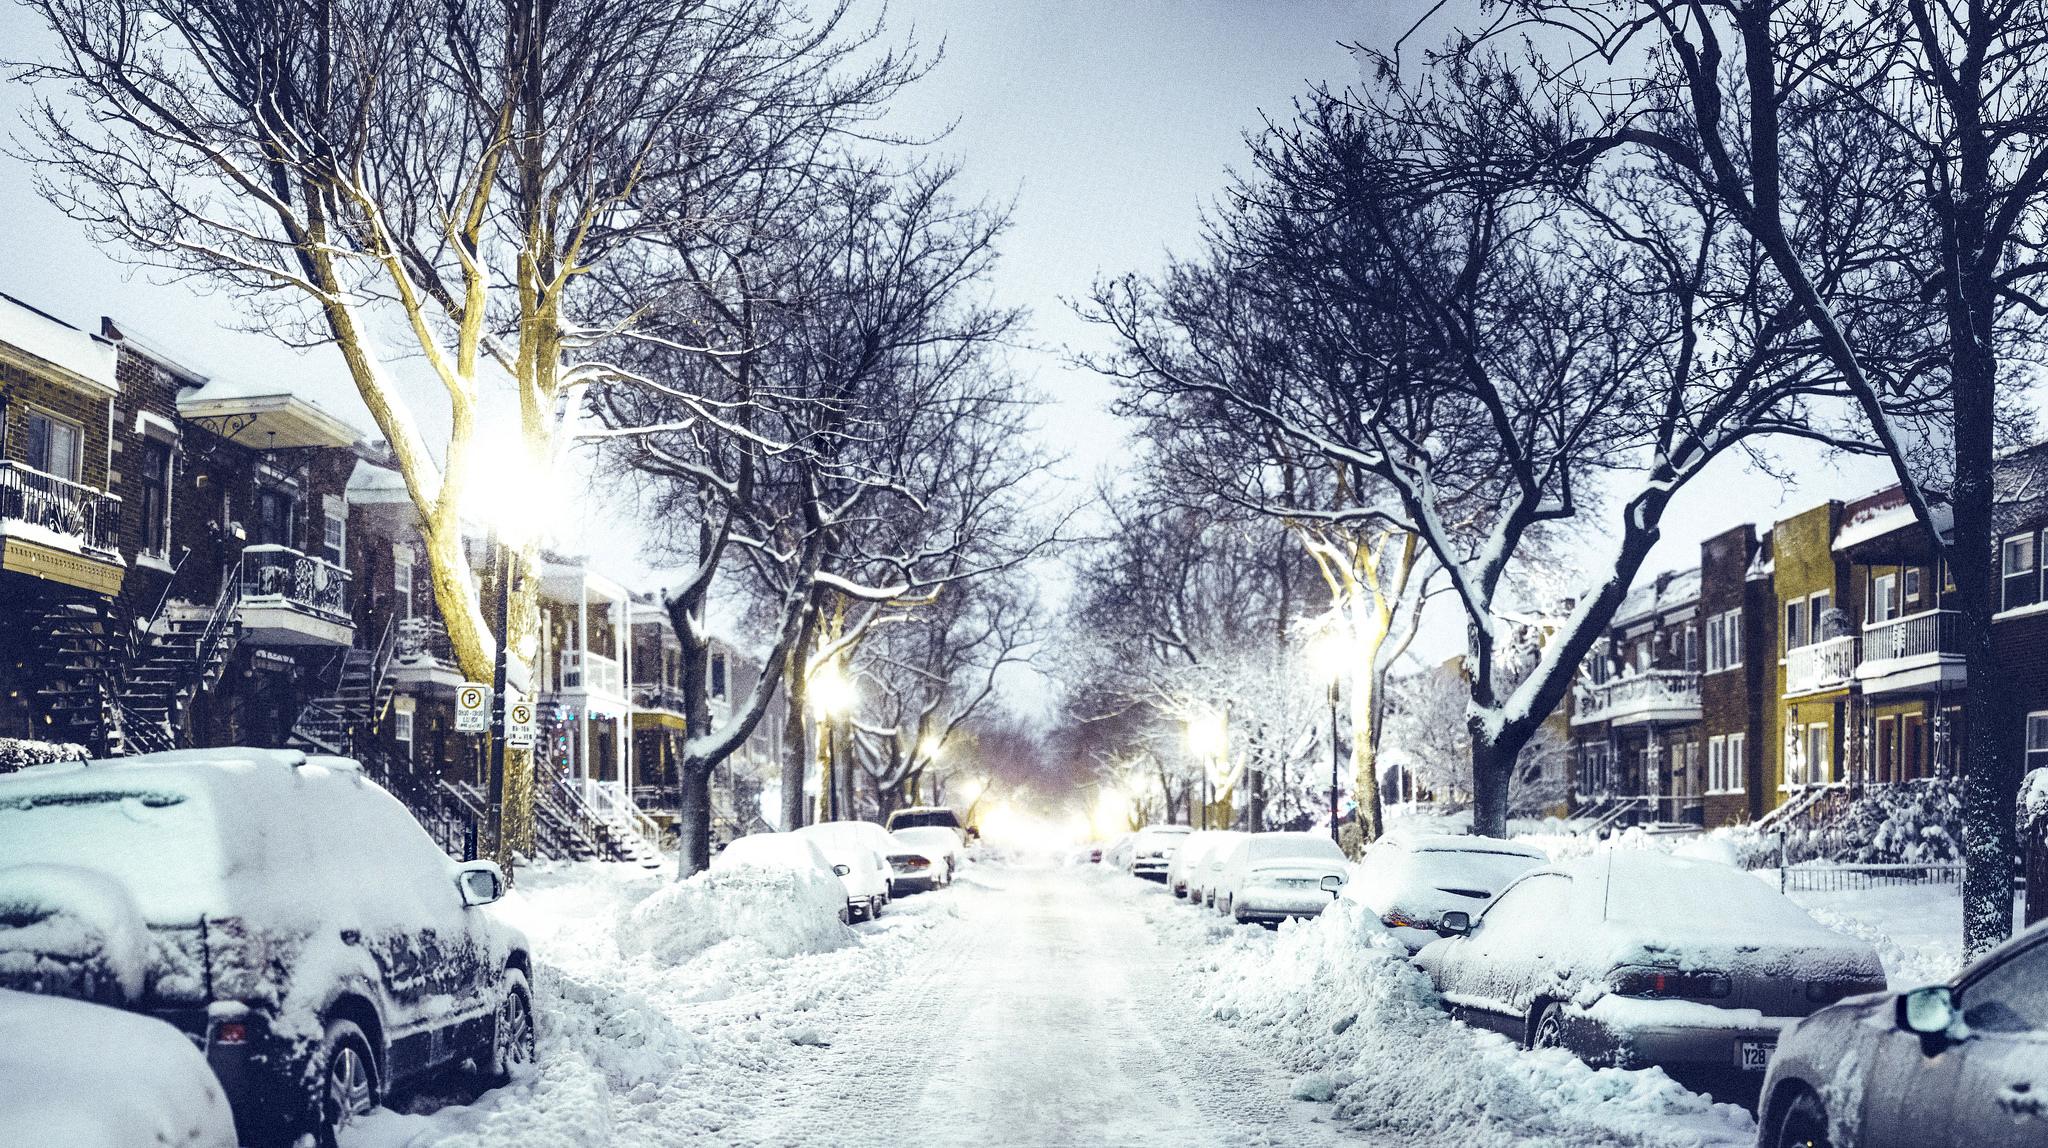 обои на рабочий стол 1920х1080 зима новый год рождество виндовс 7 дай бог вам долгой жизни